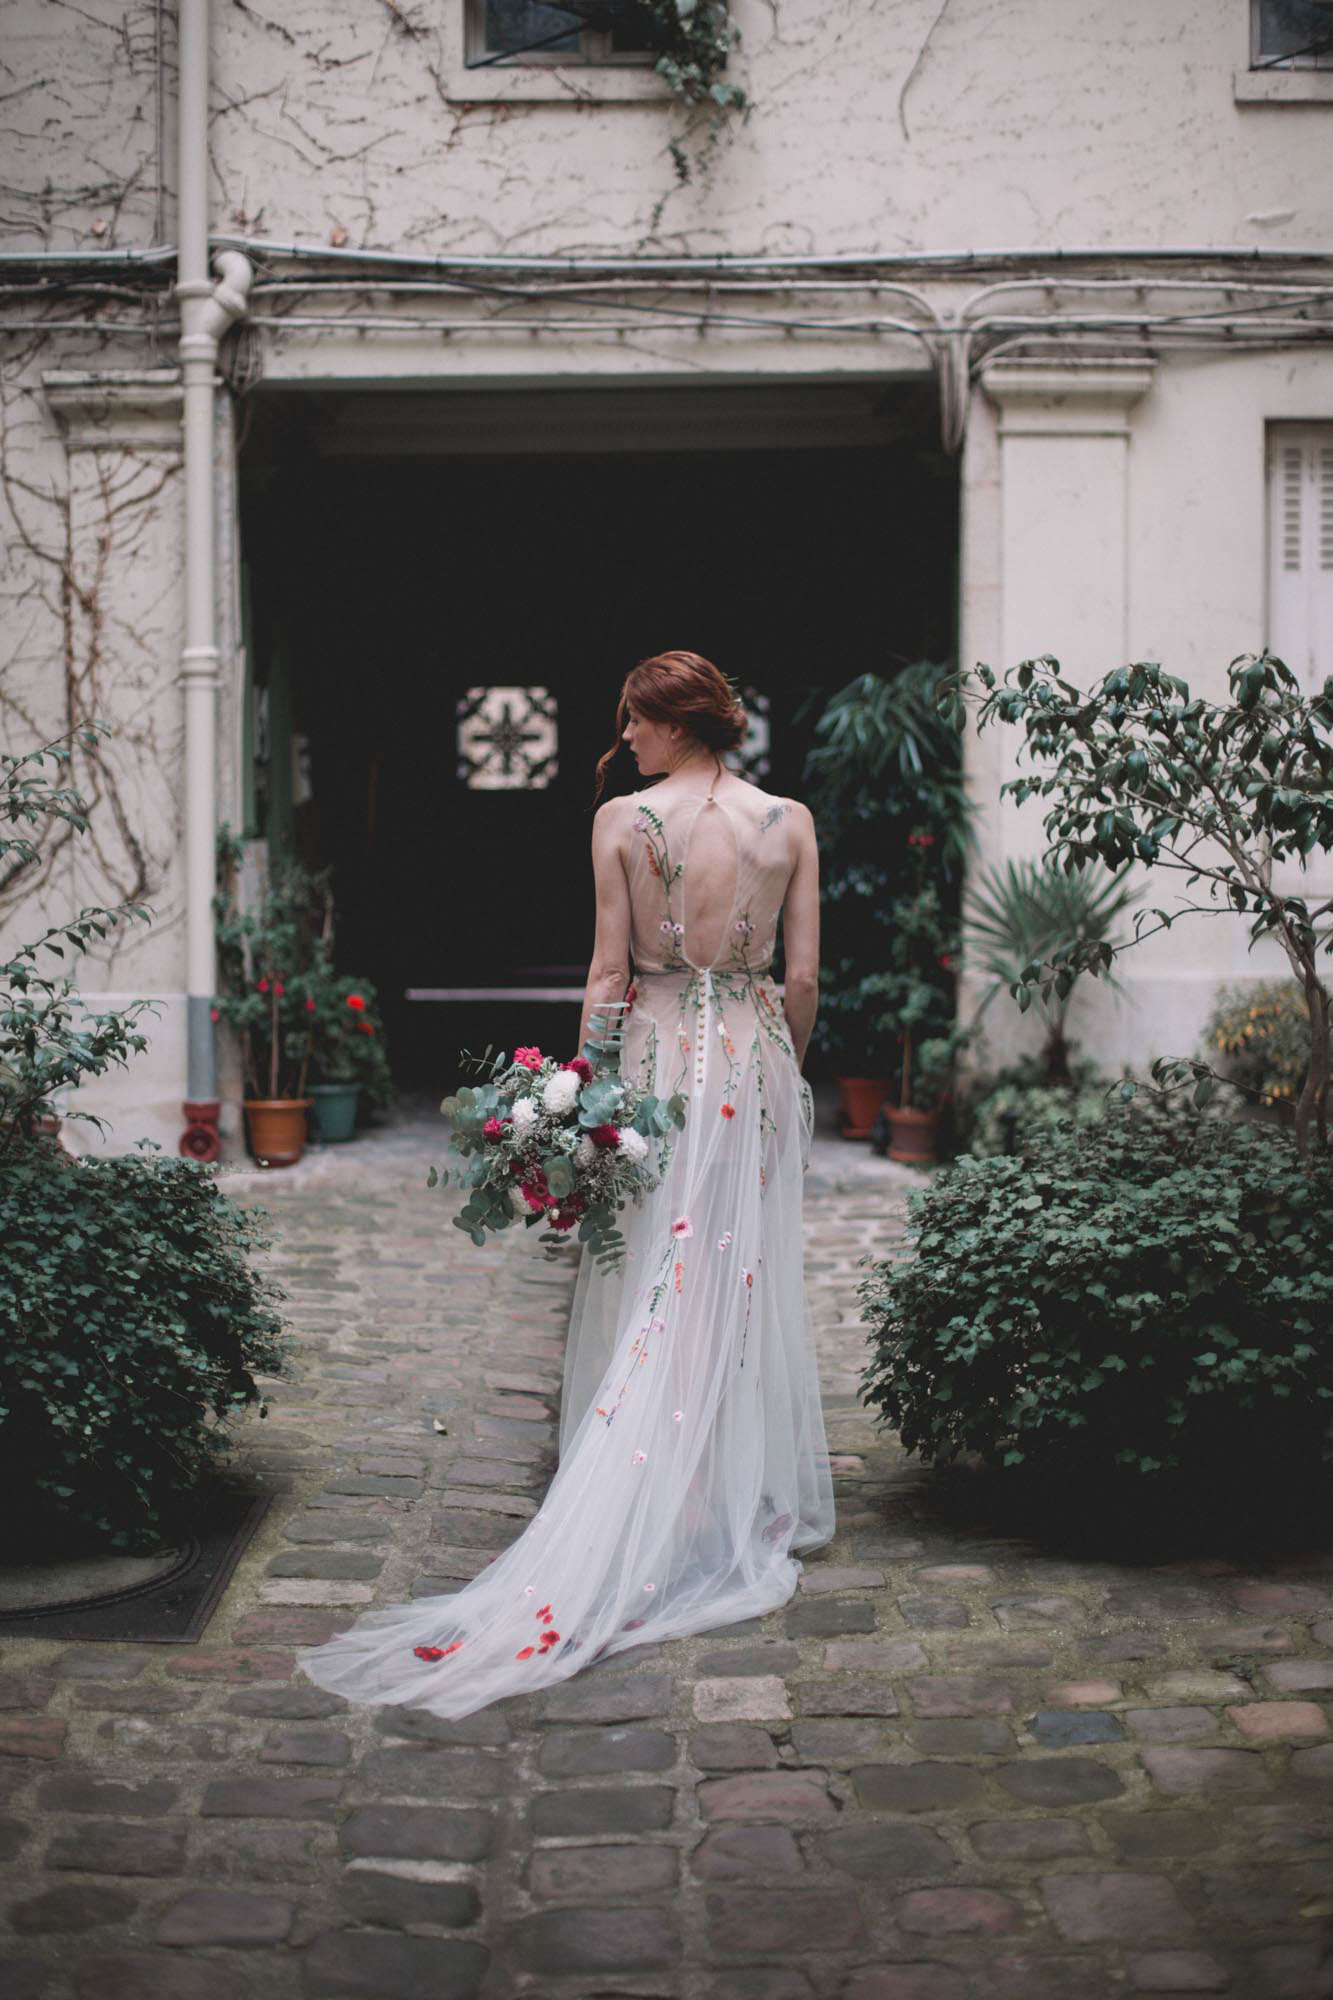 LES MIGNONETTES_PARIS_PHOTOGRAPHE_MARIAGE_LES BANDITS-1